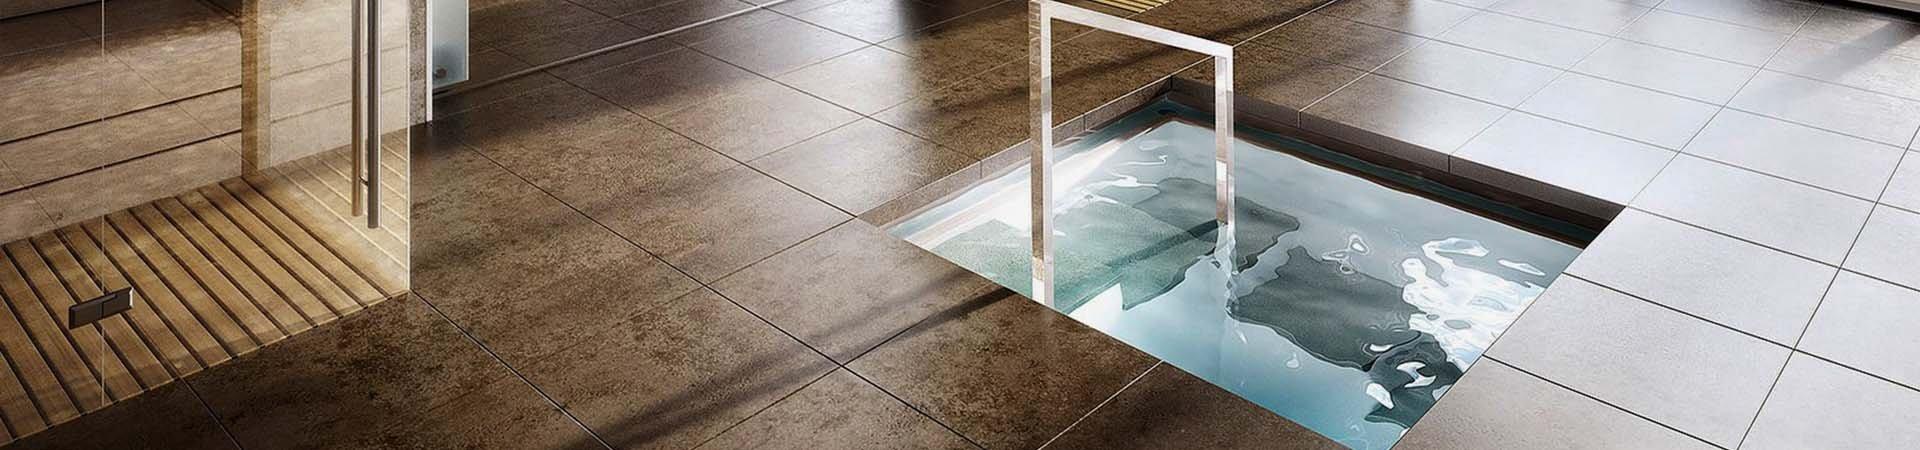 Hidroterapia térmica